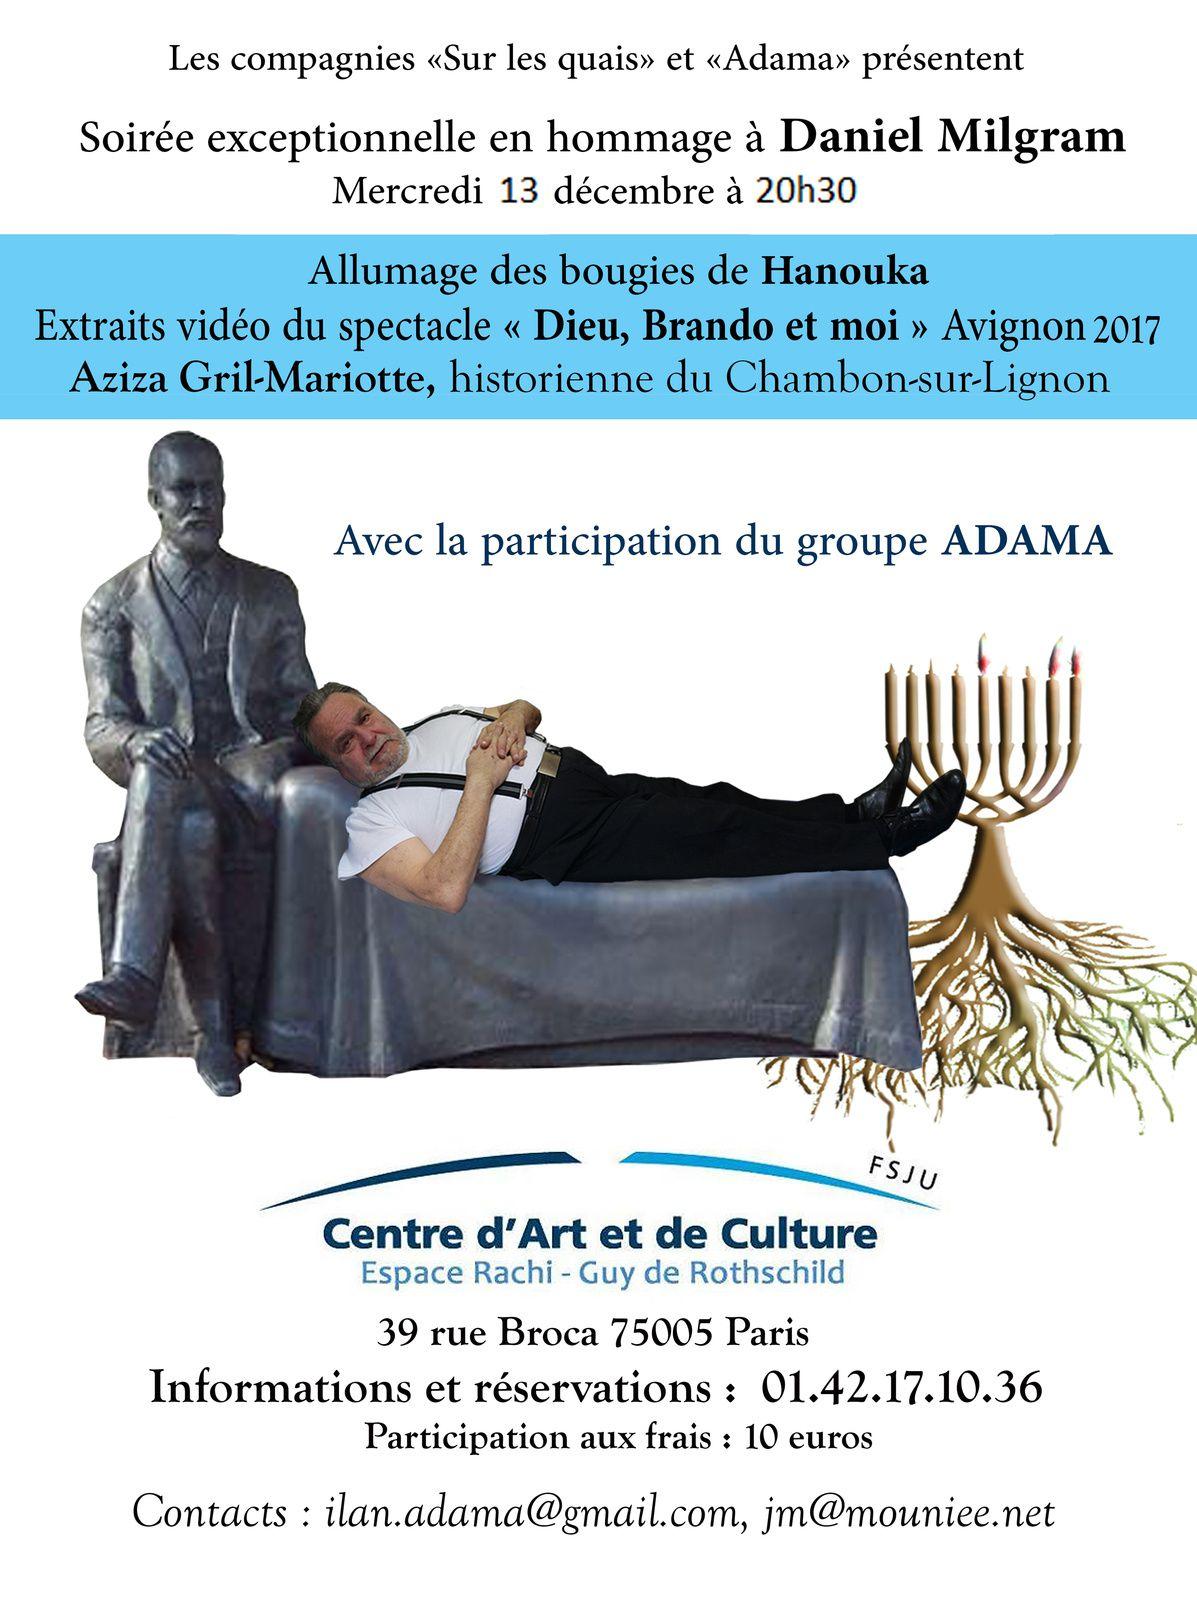 Hommage à Daniel Milgram le 13 décembre 2017 à l'Espace Rachi à Paris